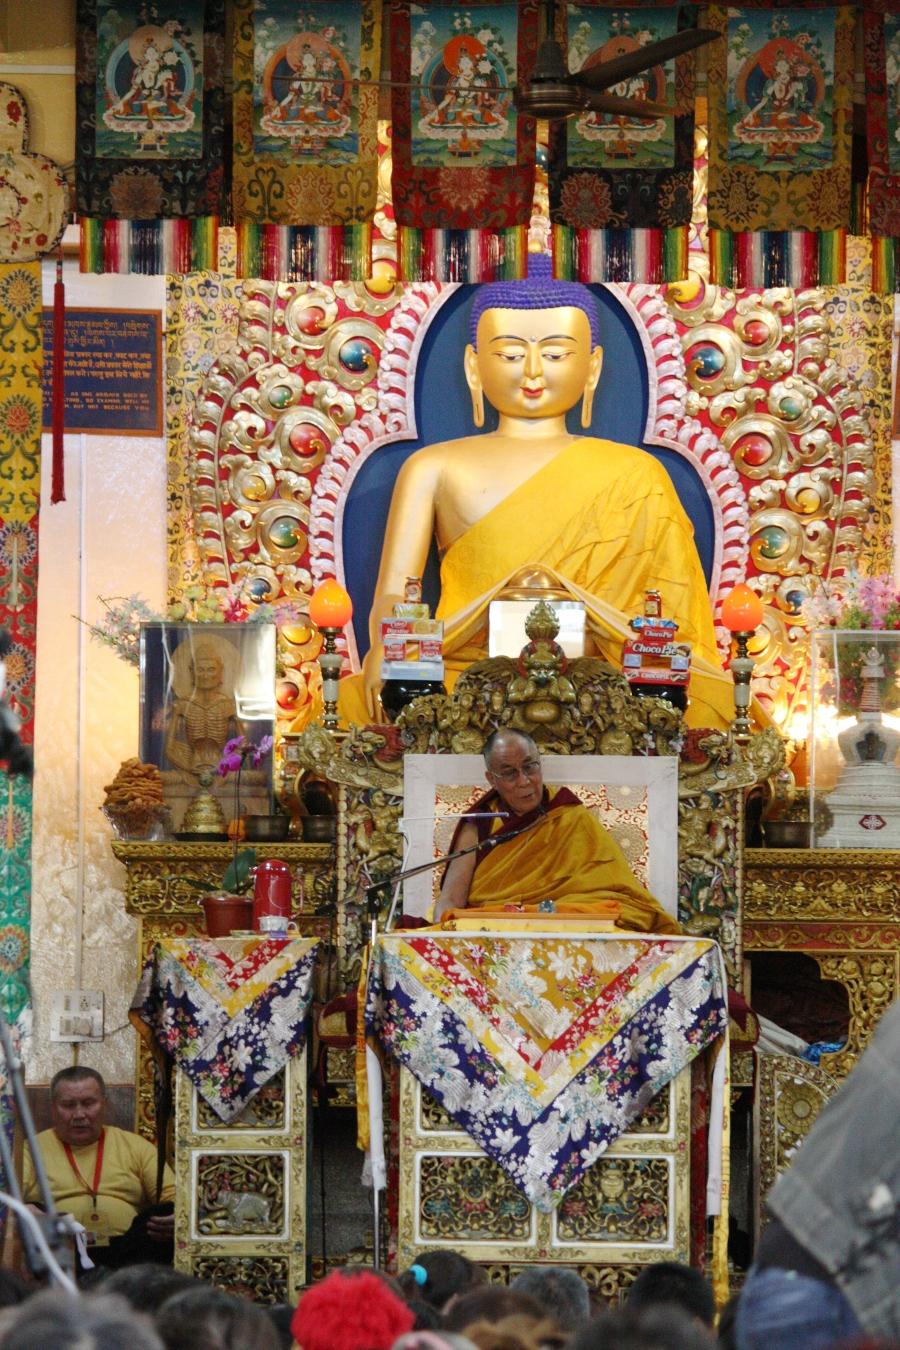 Sua Santità il Dalai Lama: Tramite la calma mentale e la visione profonda, conseguono le esperienze meditative e la realizzazione interiore, dando vita così allaconoscenza teorica che senza di essi manterrebbe un carattere un po' mitico o artificiale. Non posso fare altro che incoraggiarli.